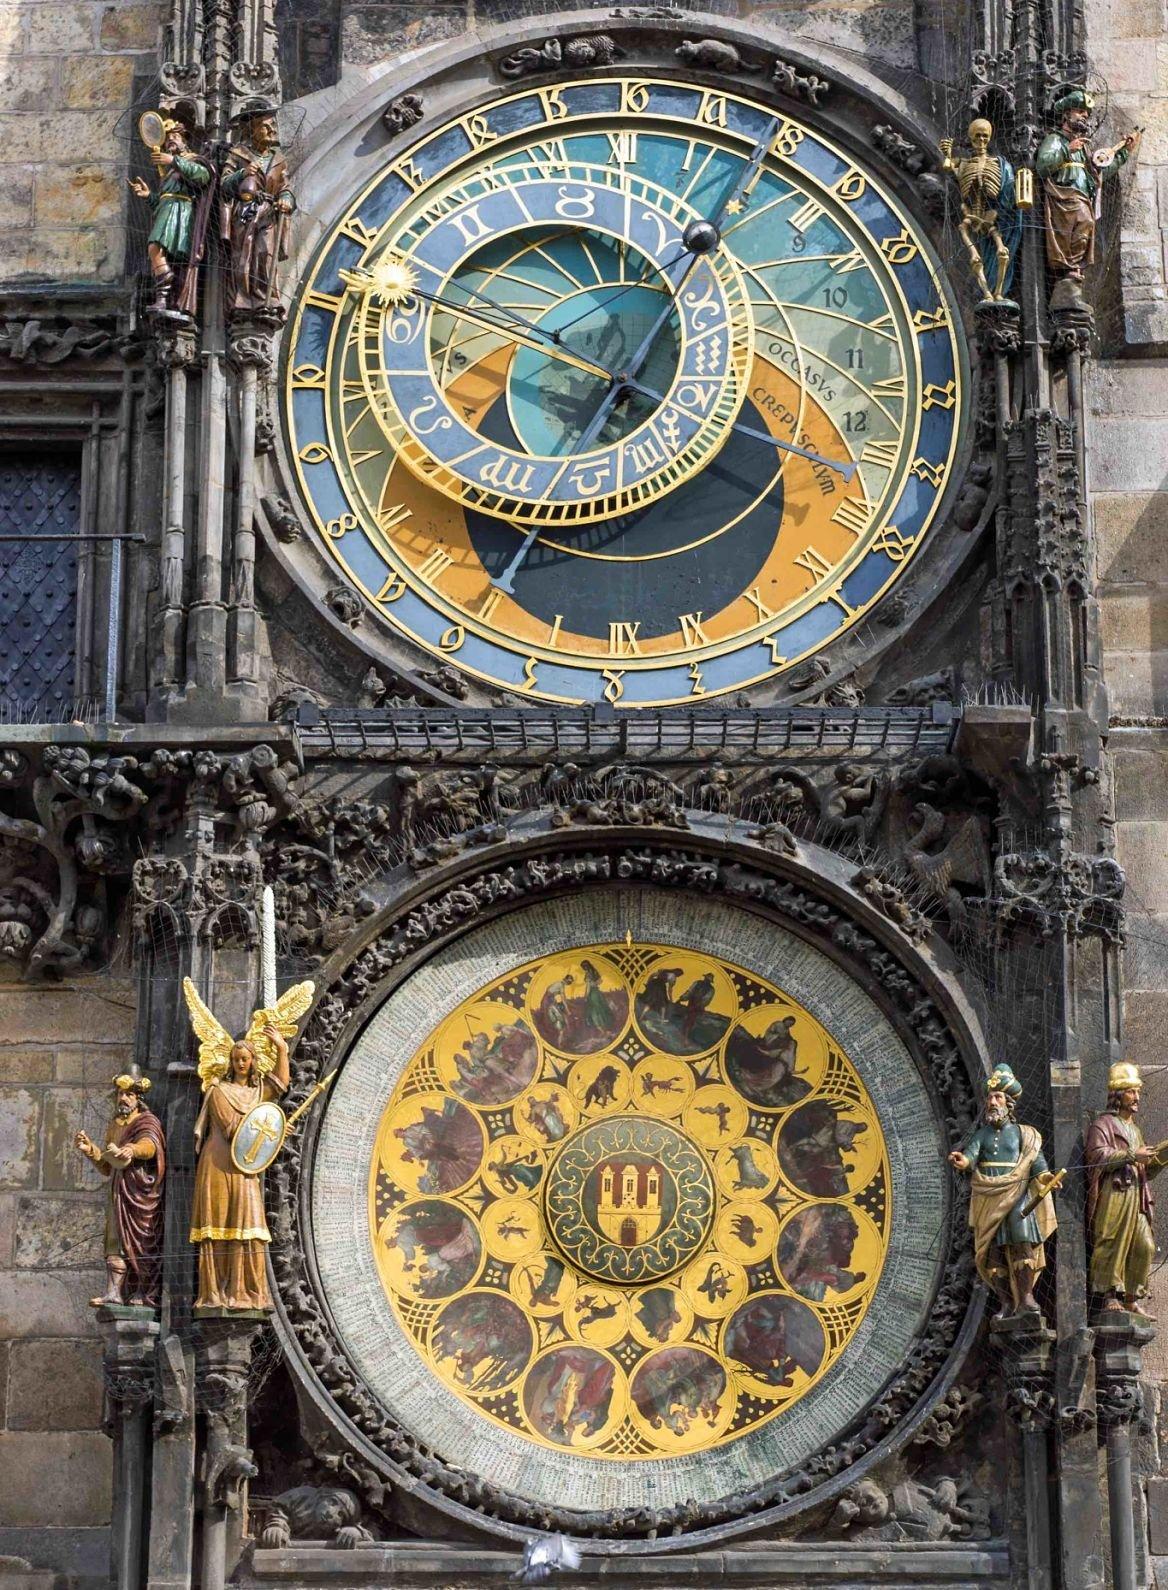 L'horloge astronomique ©Bildagentur Zoonar GmbH/Shutterstock